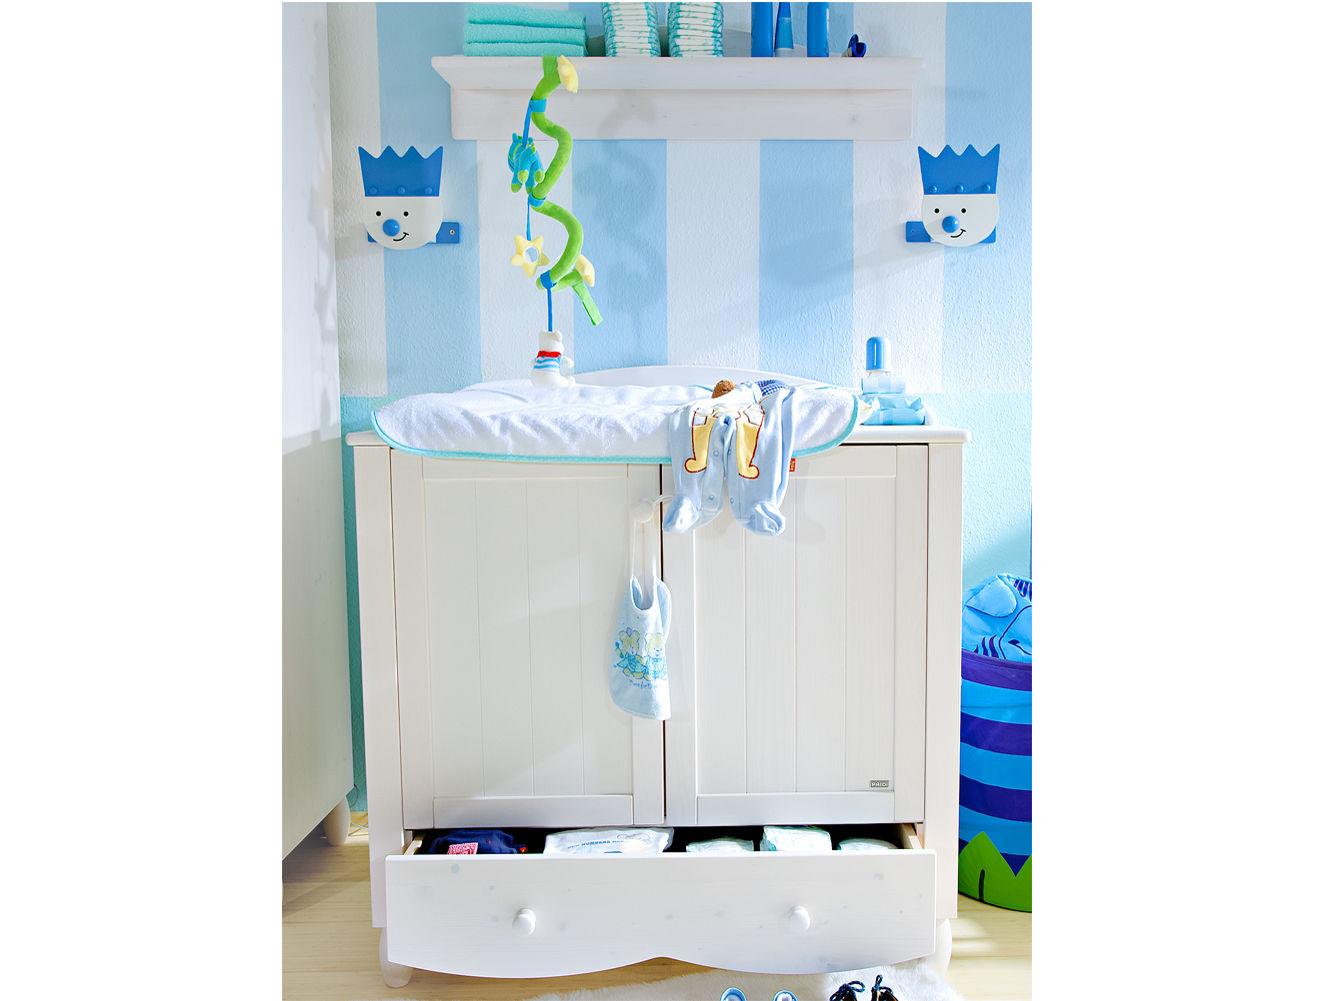 Einrichtung babyzimmer zuhause wohnen - Einrichtung babyzimmer ...